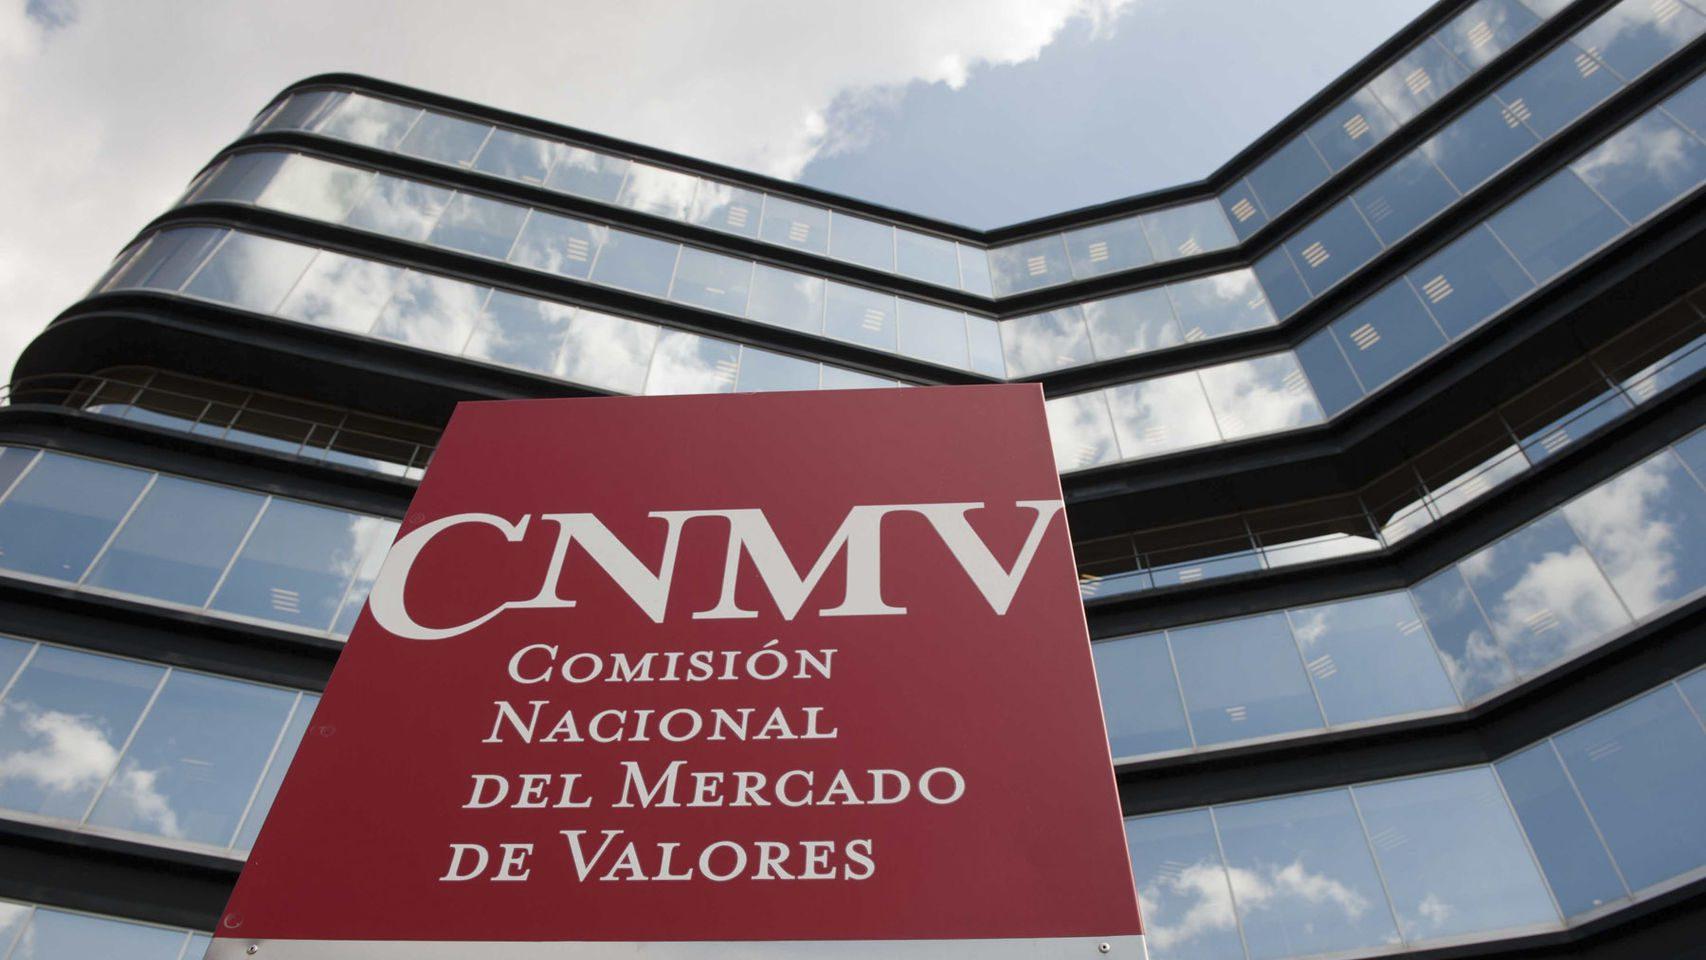 CNMV estafas criptomonedas